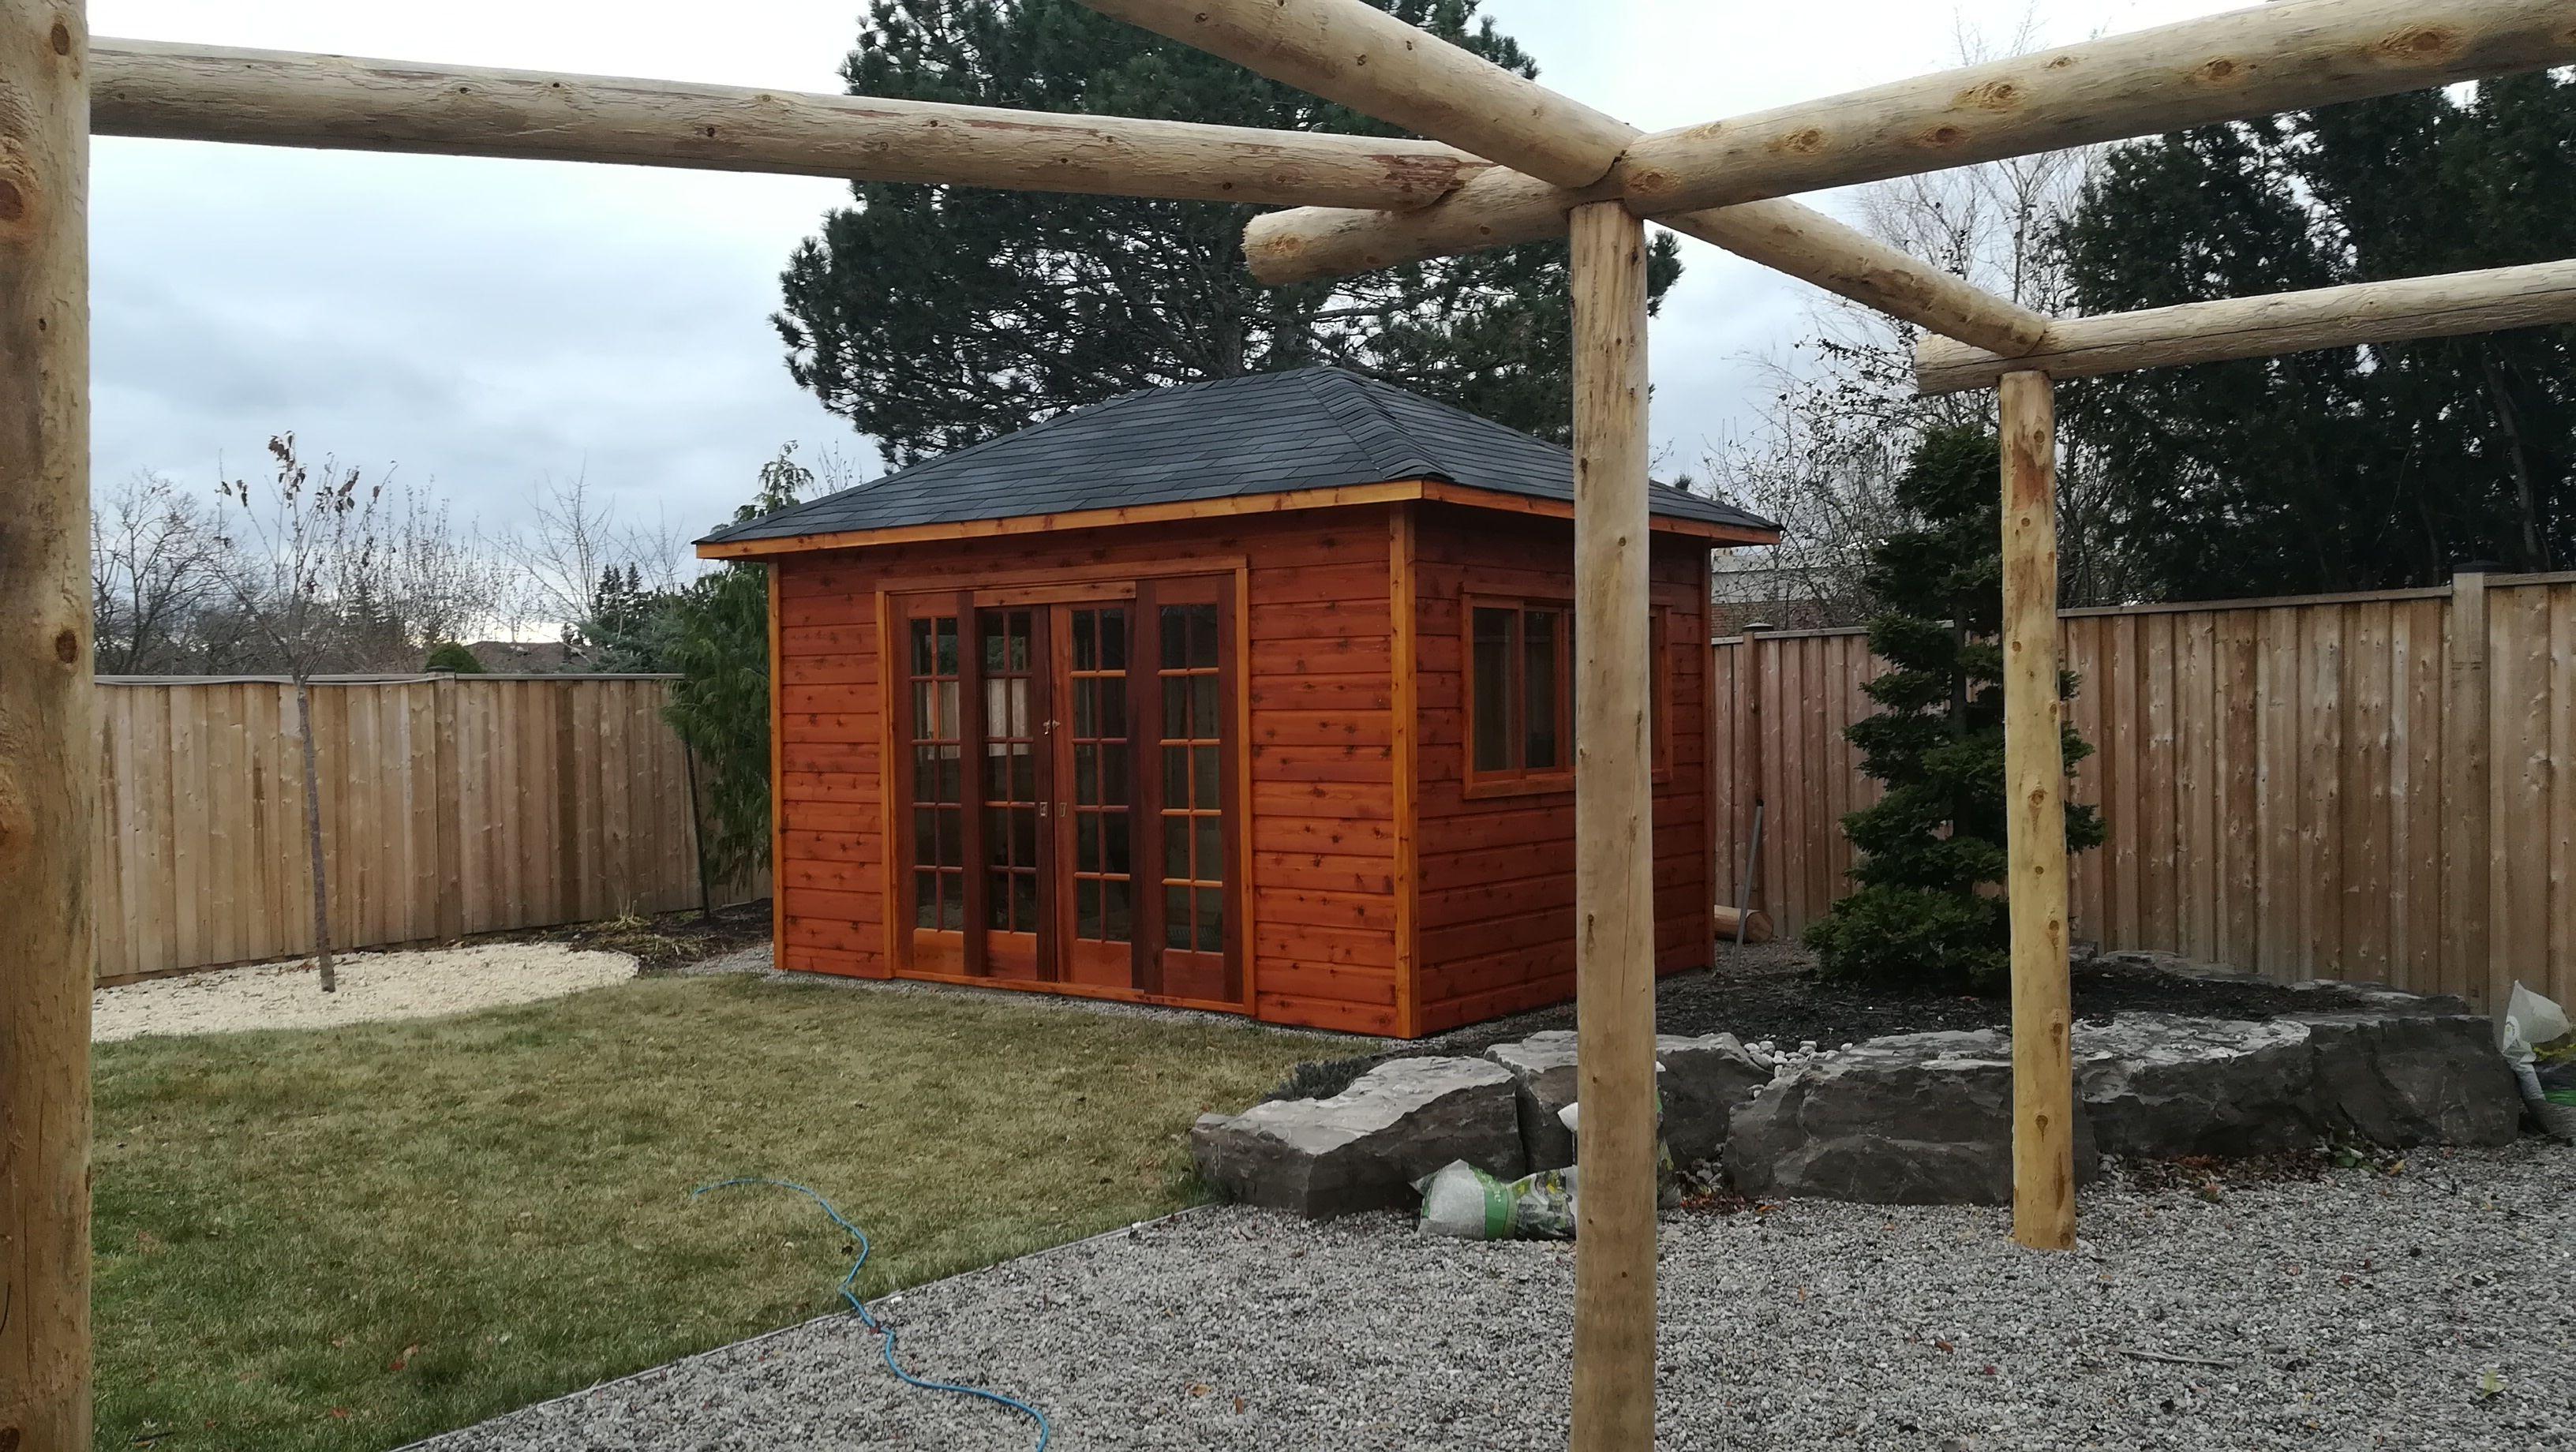 10 X 14 Sonoma Garden Shed Plan In Brampton Ontario Garden Shed Kits Shed Plans Garden Shed